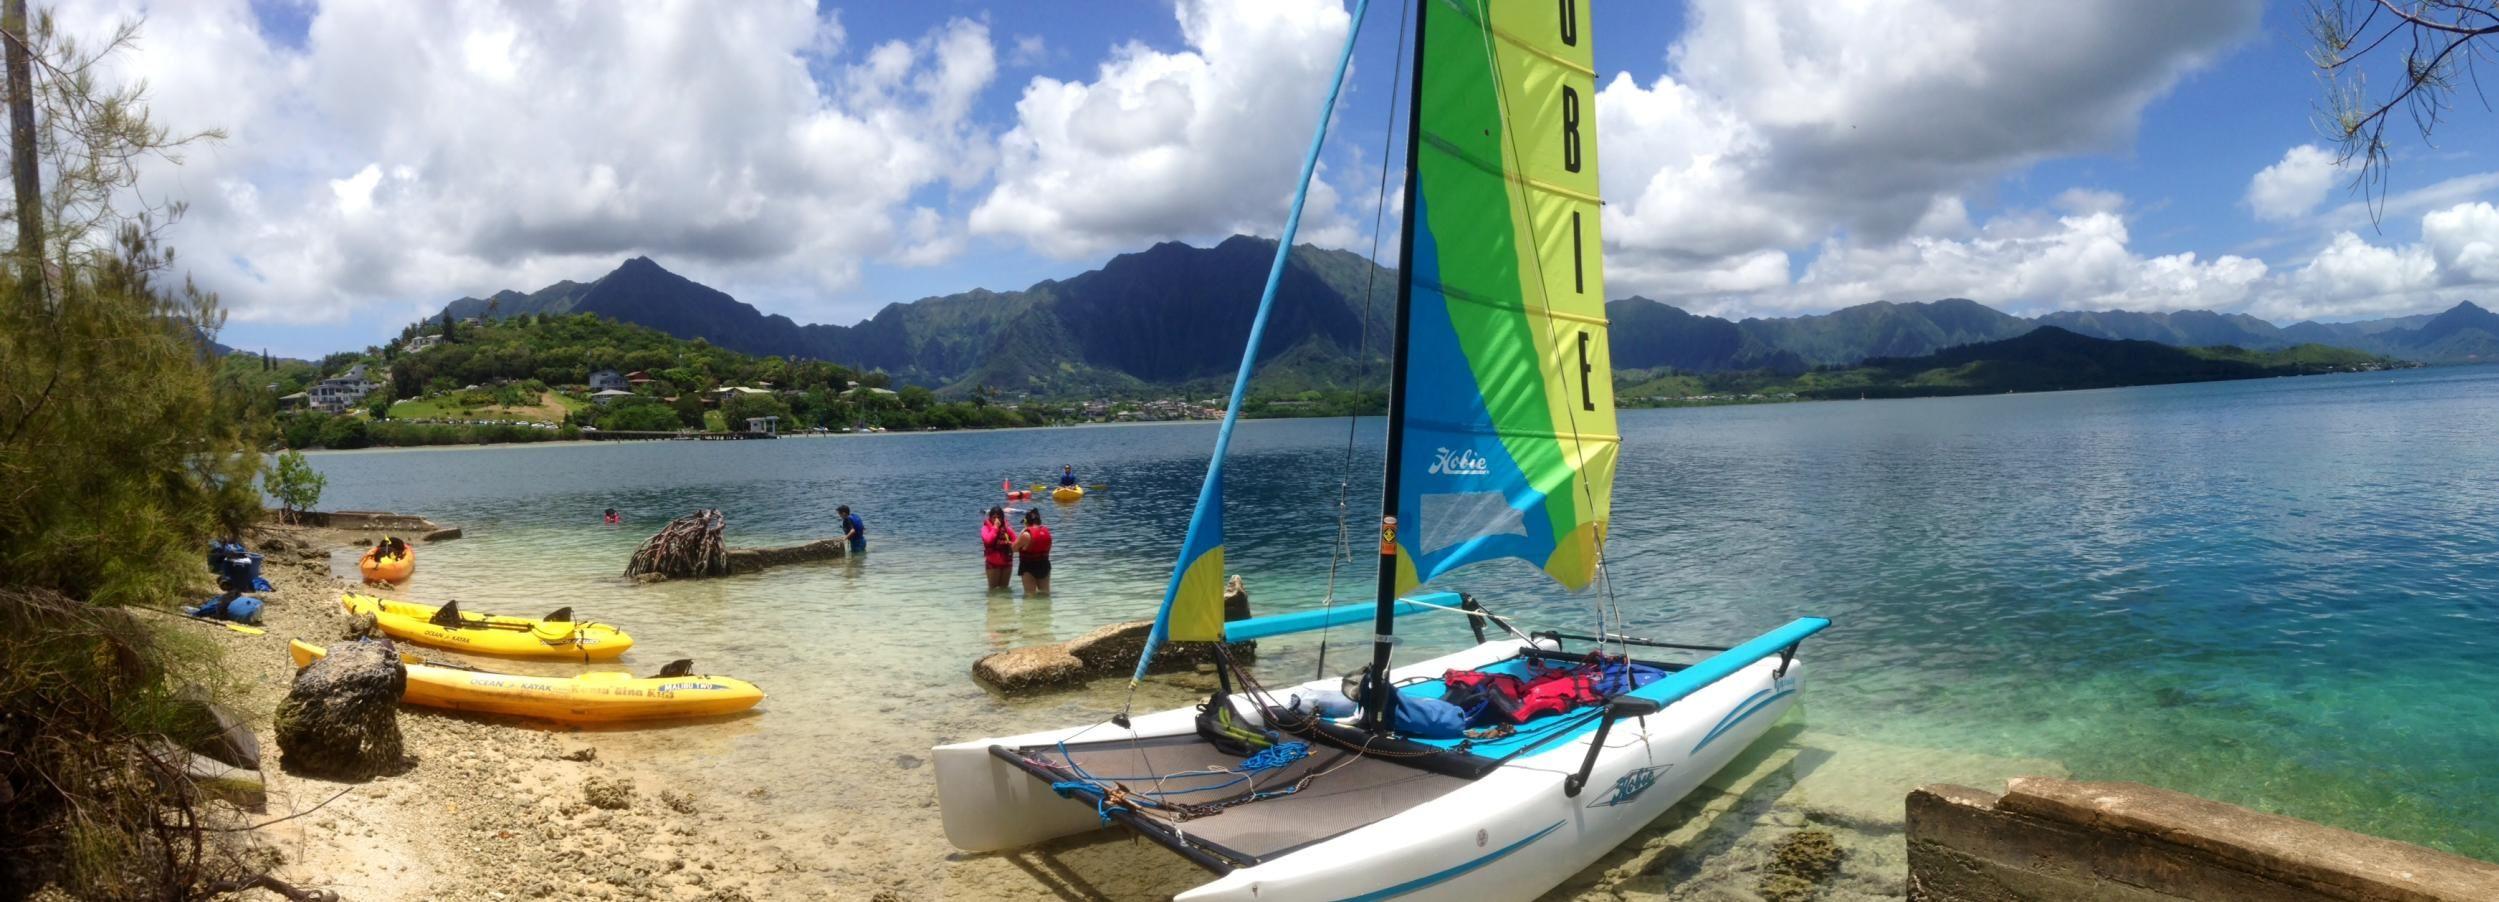 Oahu: Kane'ohe Bay Hobie Catamaran 1-Hour Rental